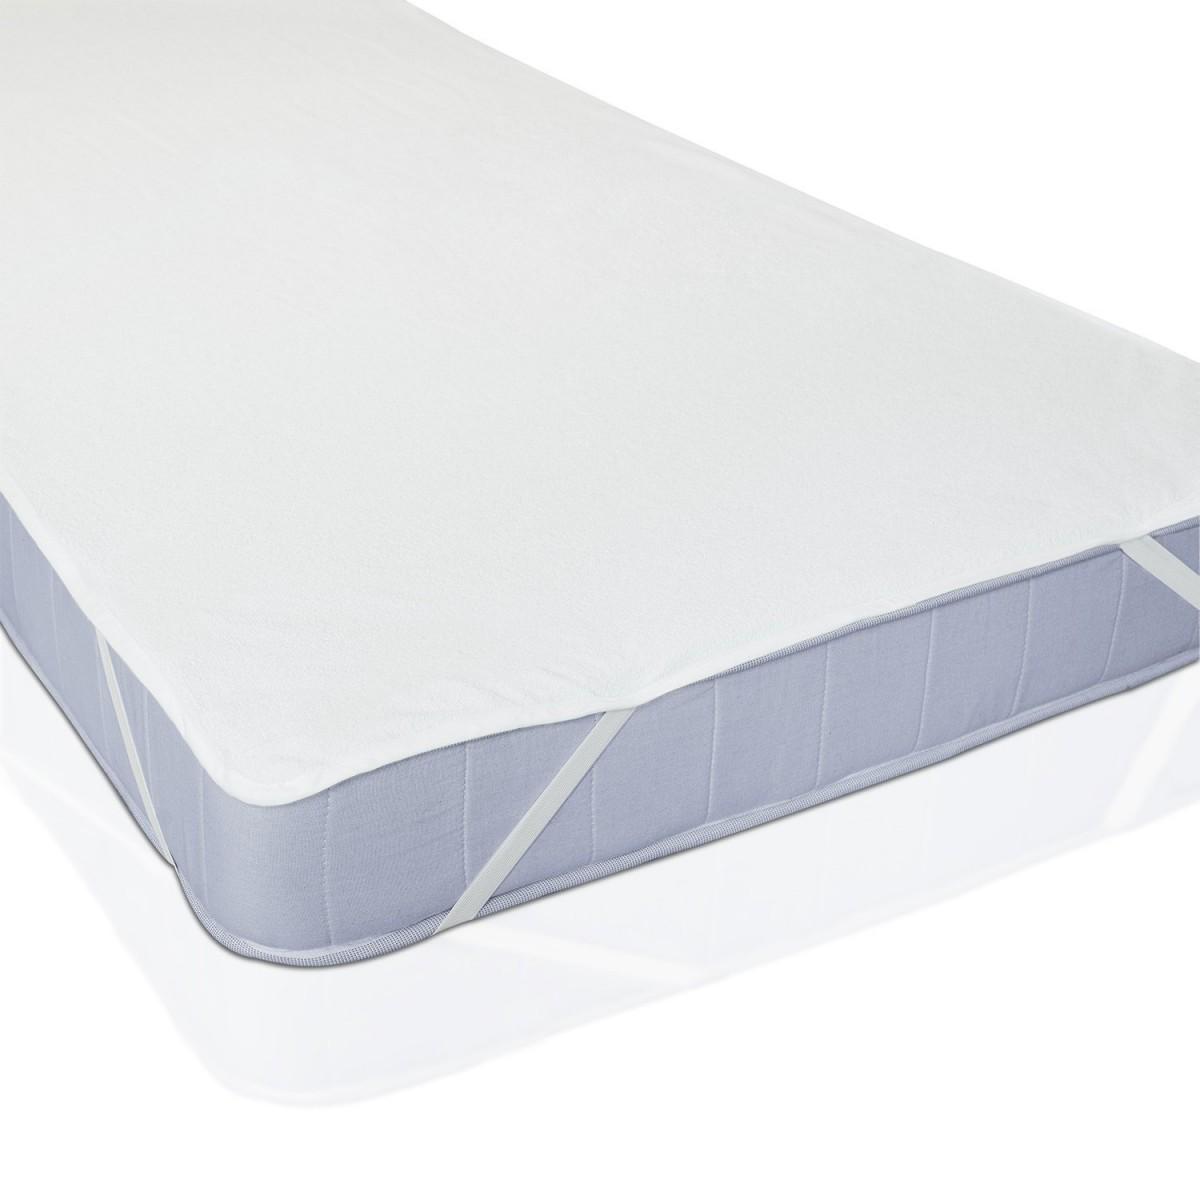 Brotex Písek SANDWICH MOLTON chránič matrace 90x200 cm